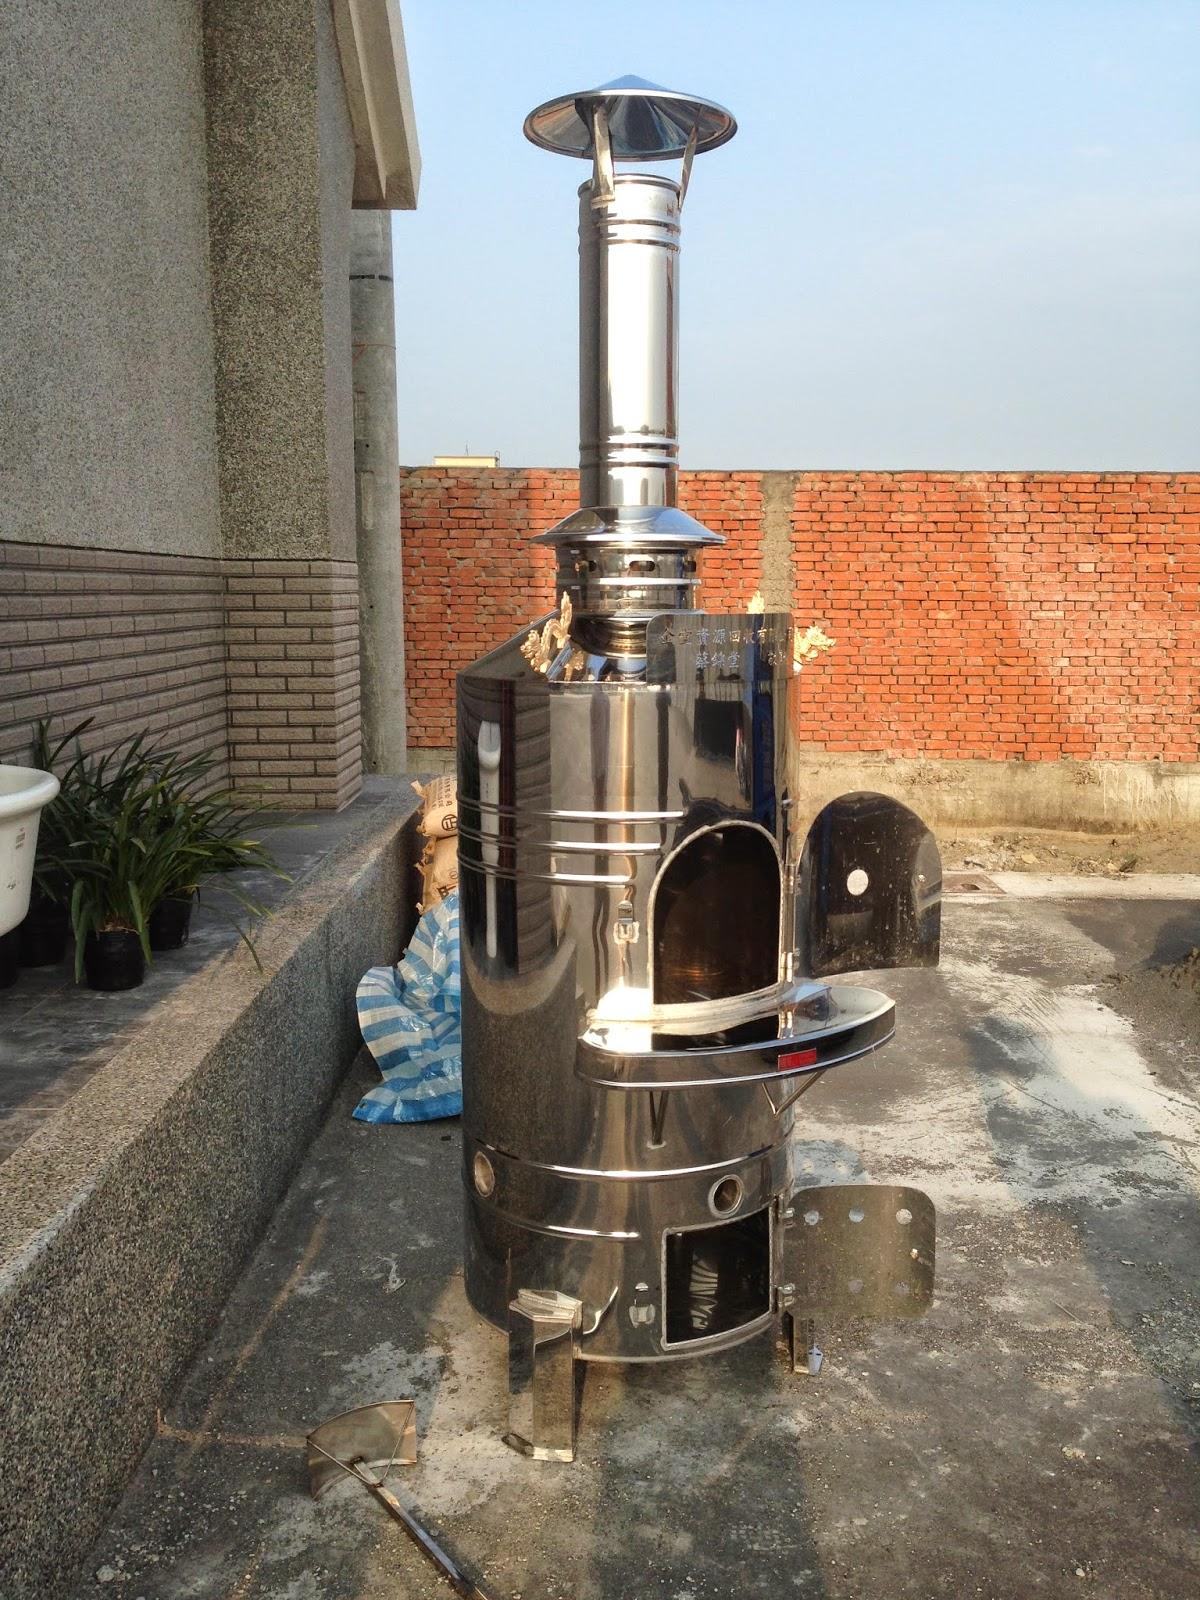 國筌工業社: 2尺2吋金爐,無污染 .加速焚化,自動蛋捲機,金爐桶